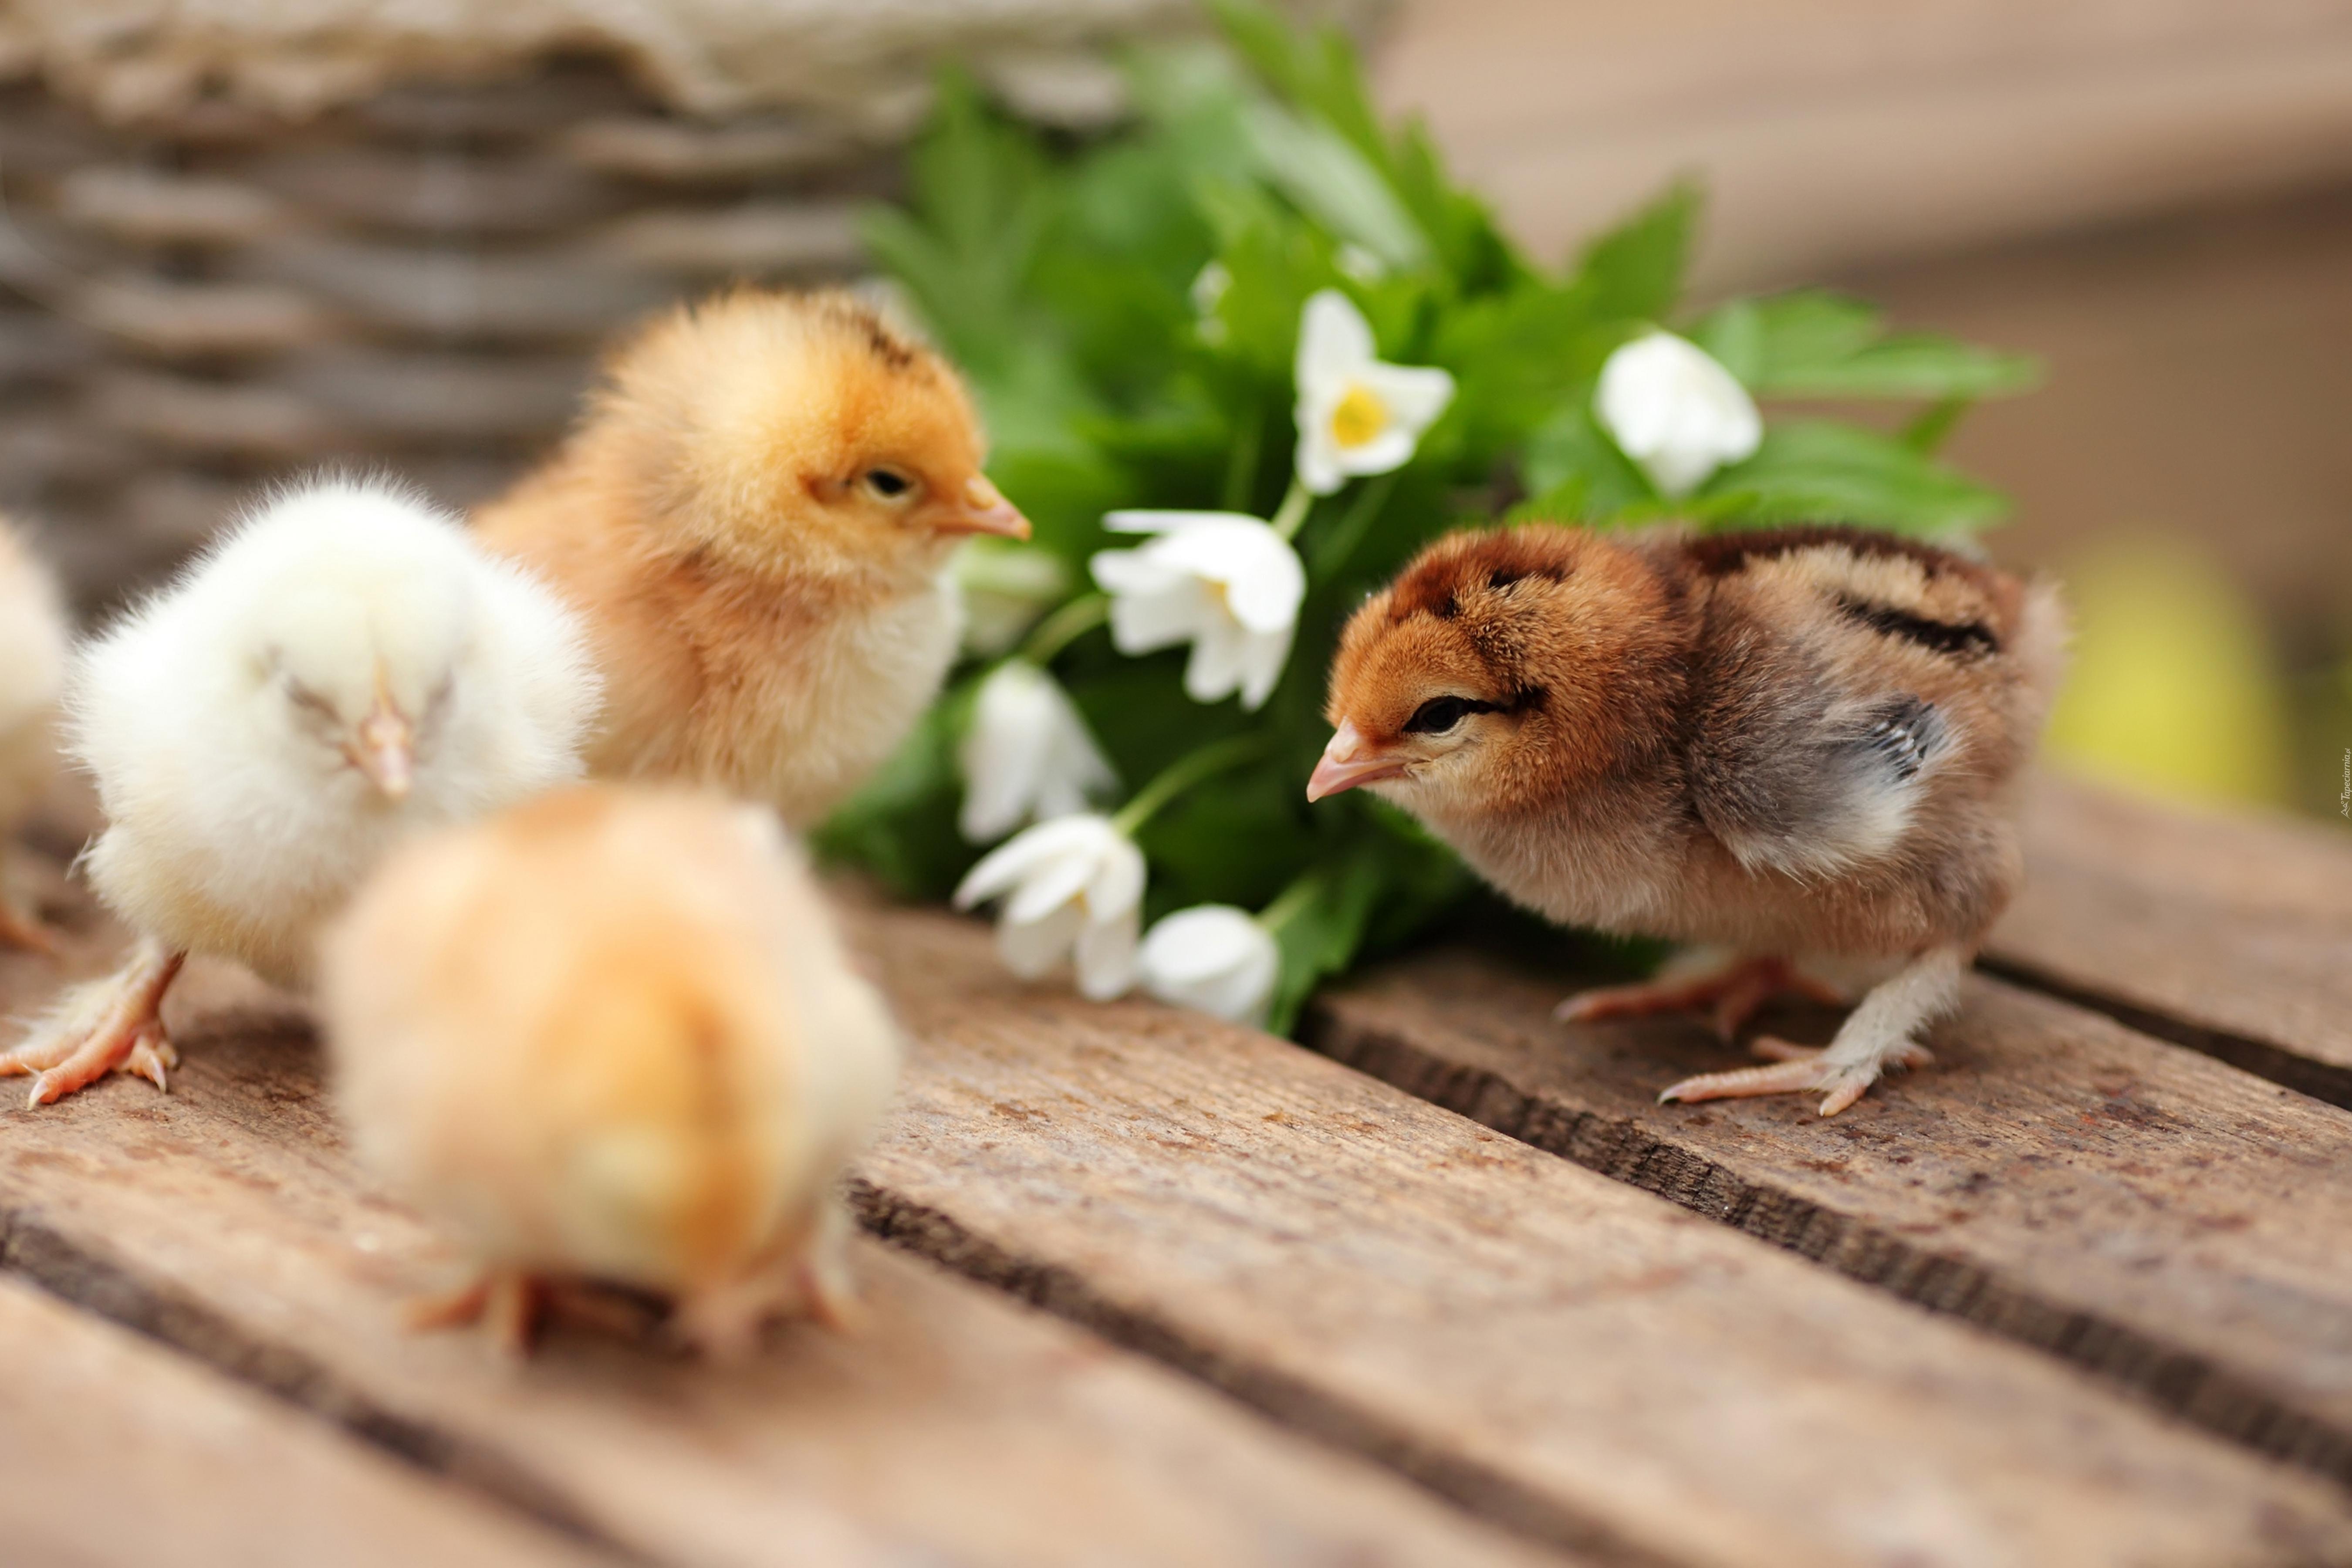 Tapety kura - Primavera uccelli primavera colorazione pagine ...